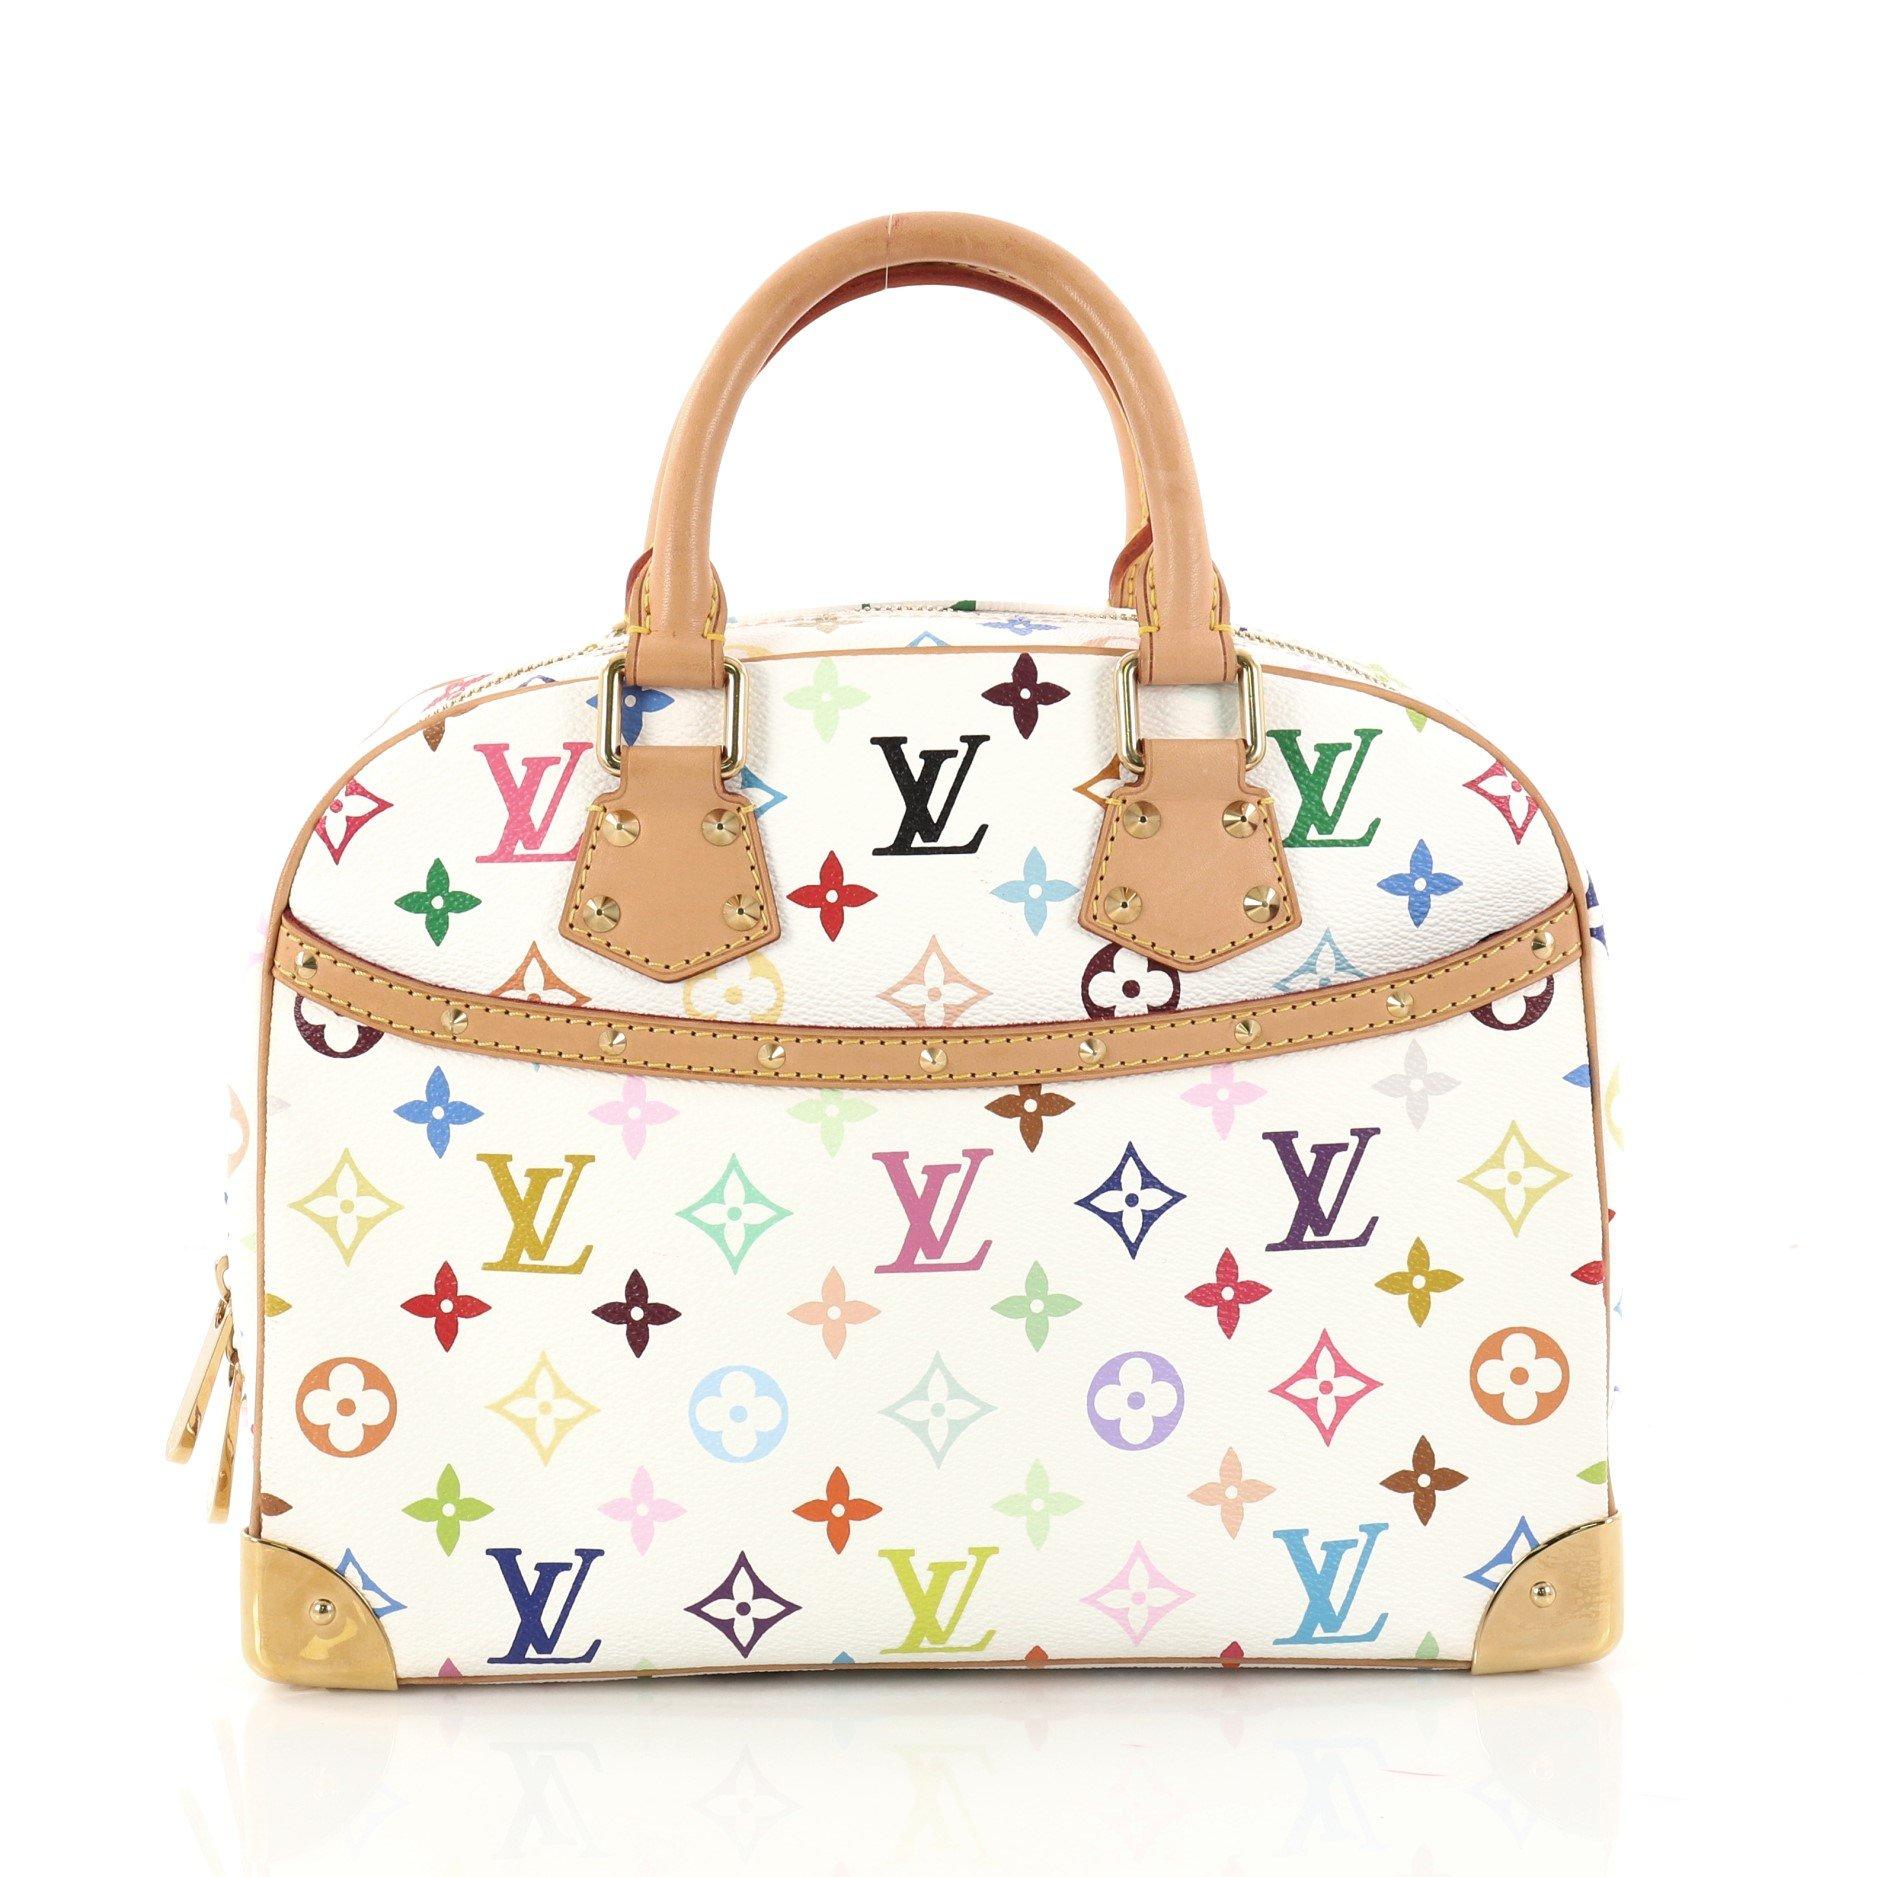 Louis Vuitton Trouville Handbag Monogram Multicolor